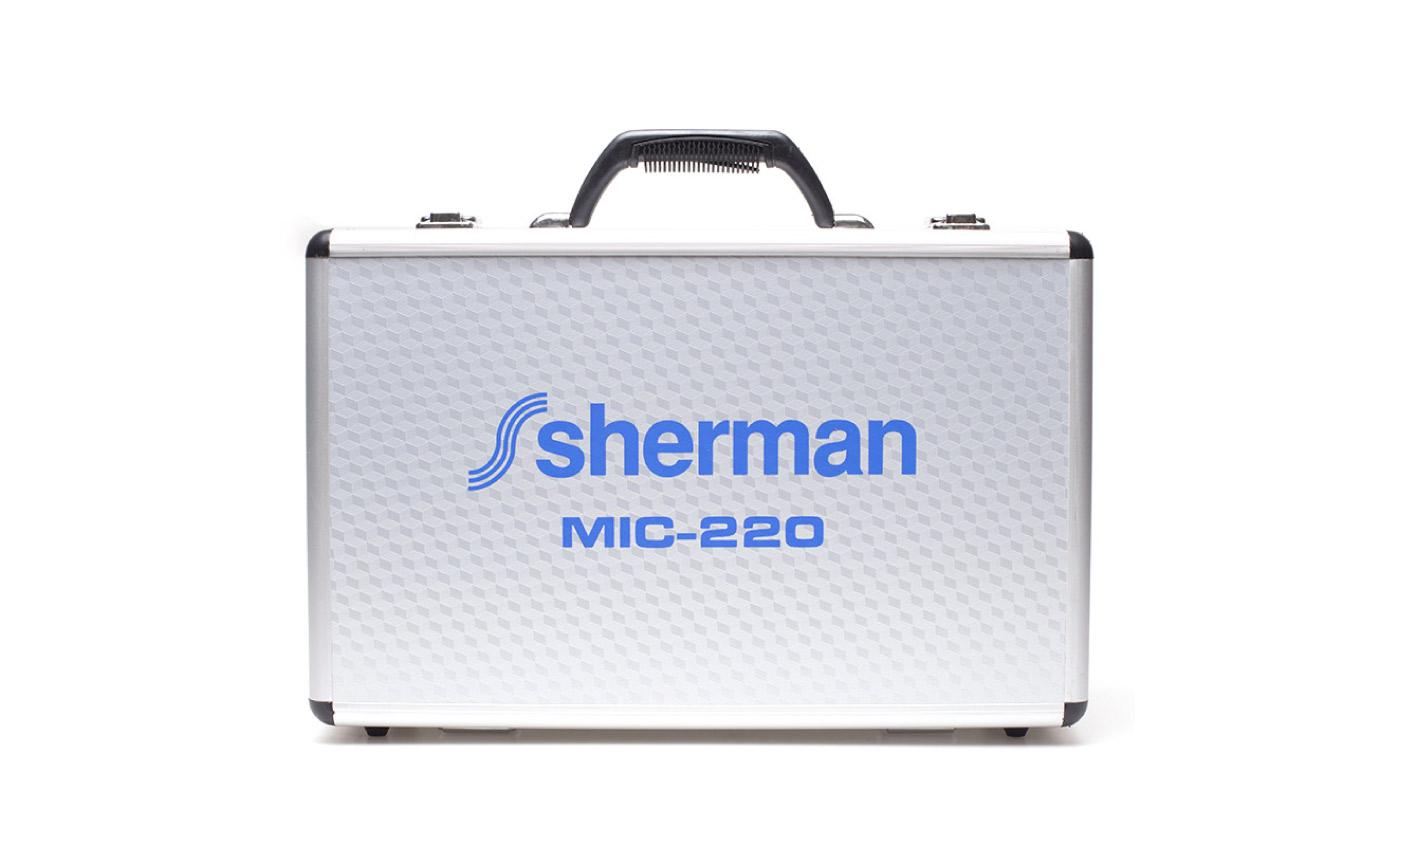 SHERMAN MIC-220 BOX